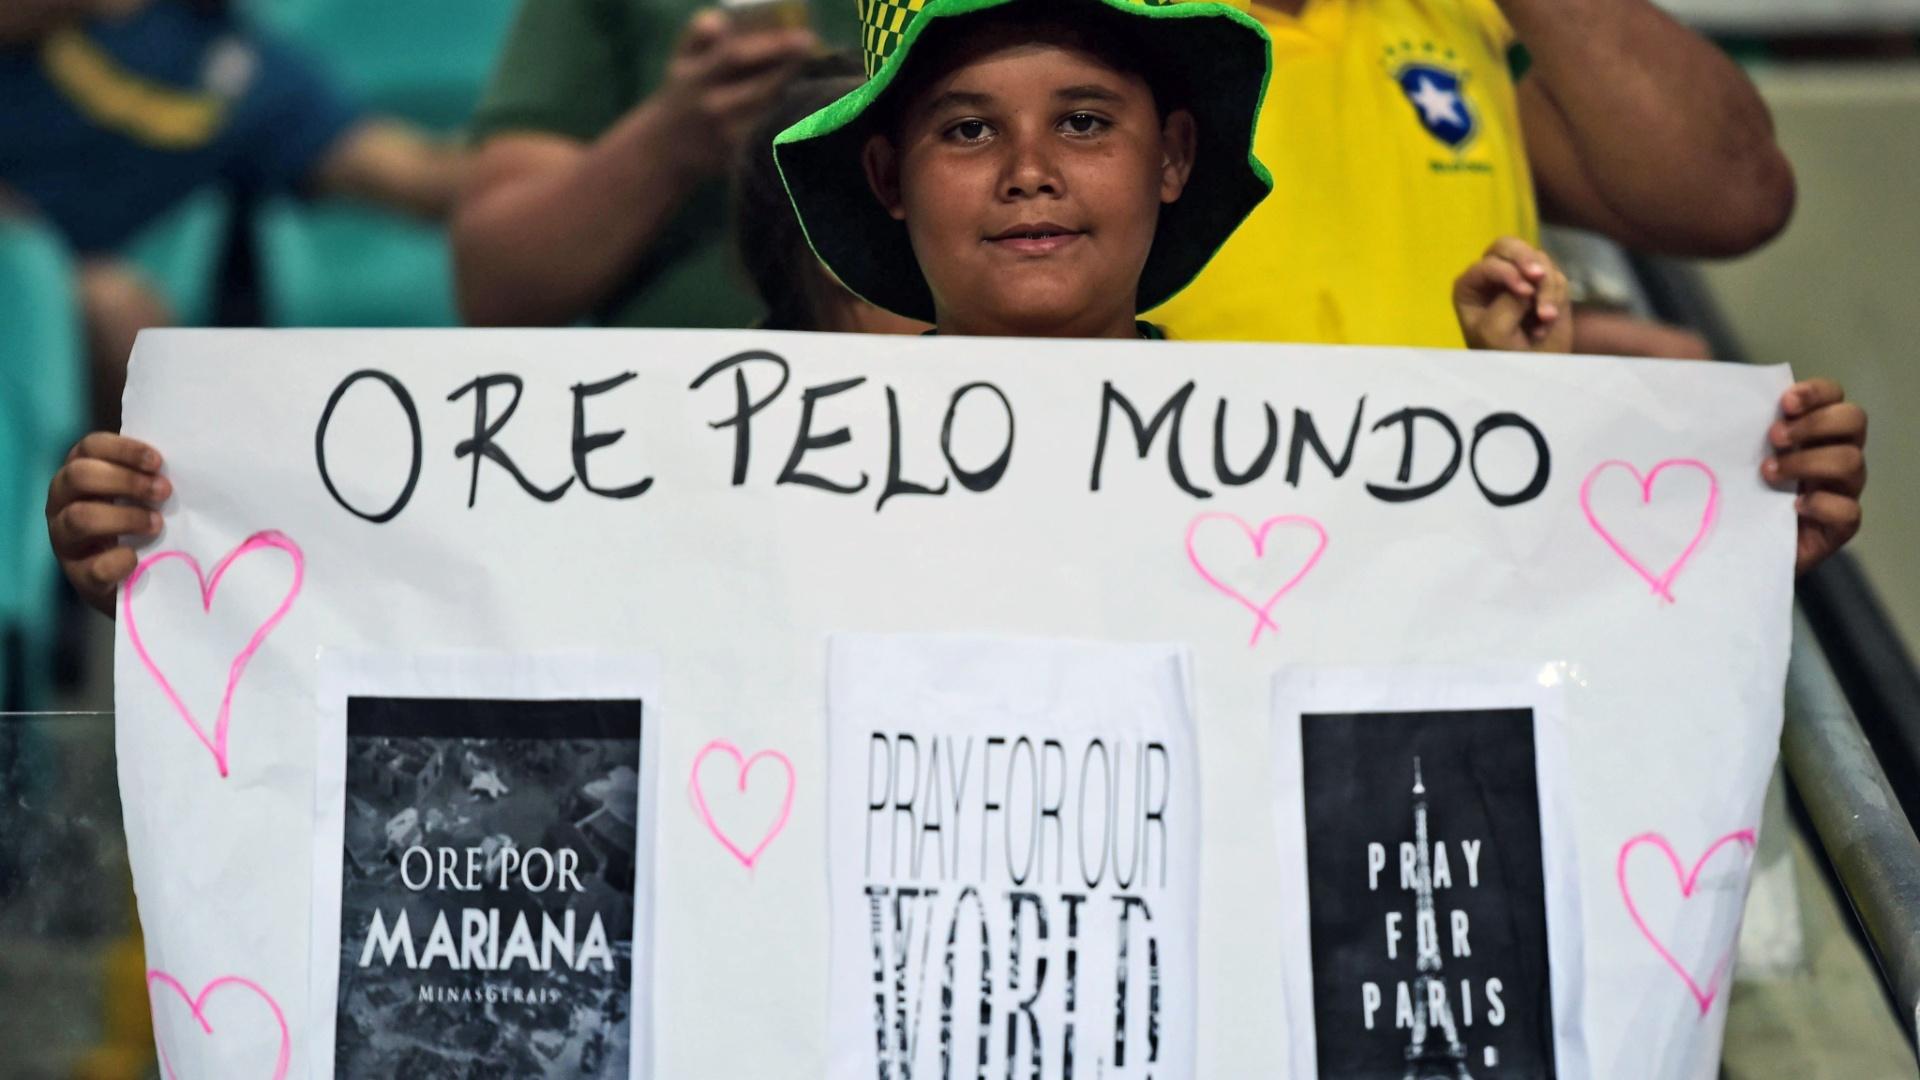 Torcedor leva cartaz para a Arena Fonte Nova com pedido de oração por Mariana (MG) e Paris